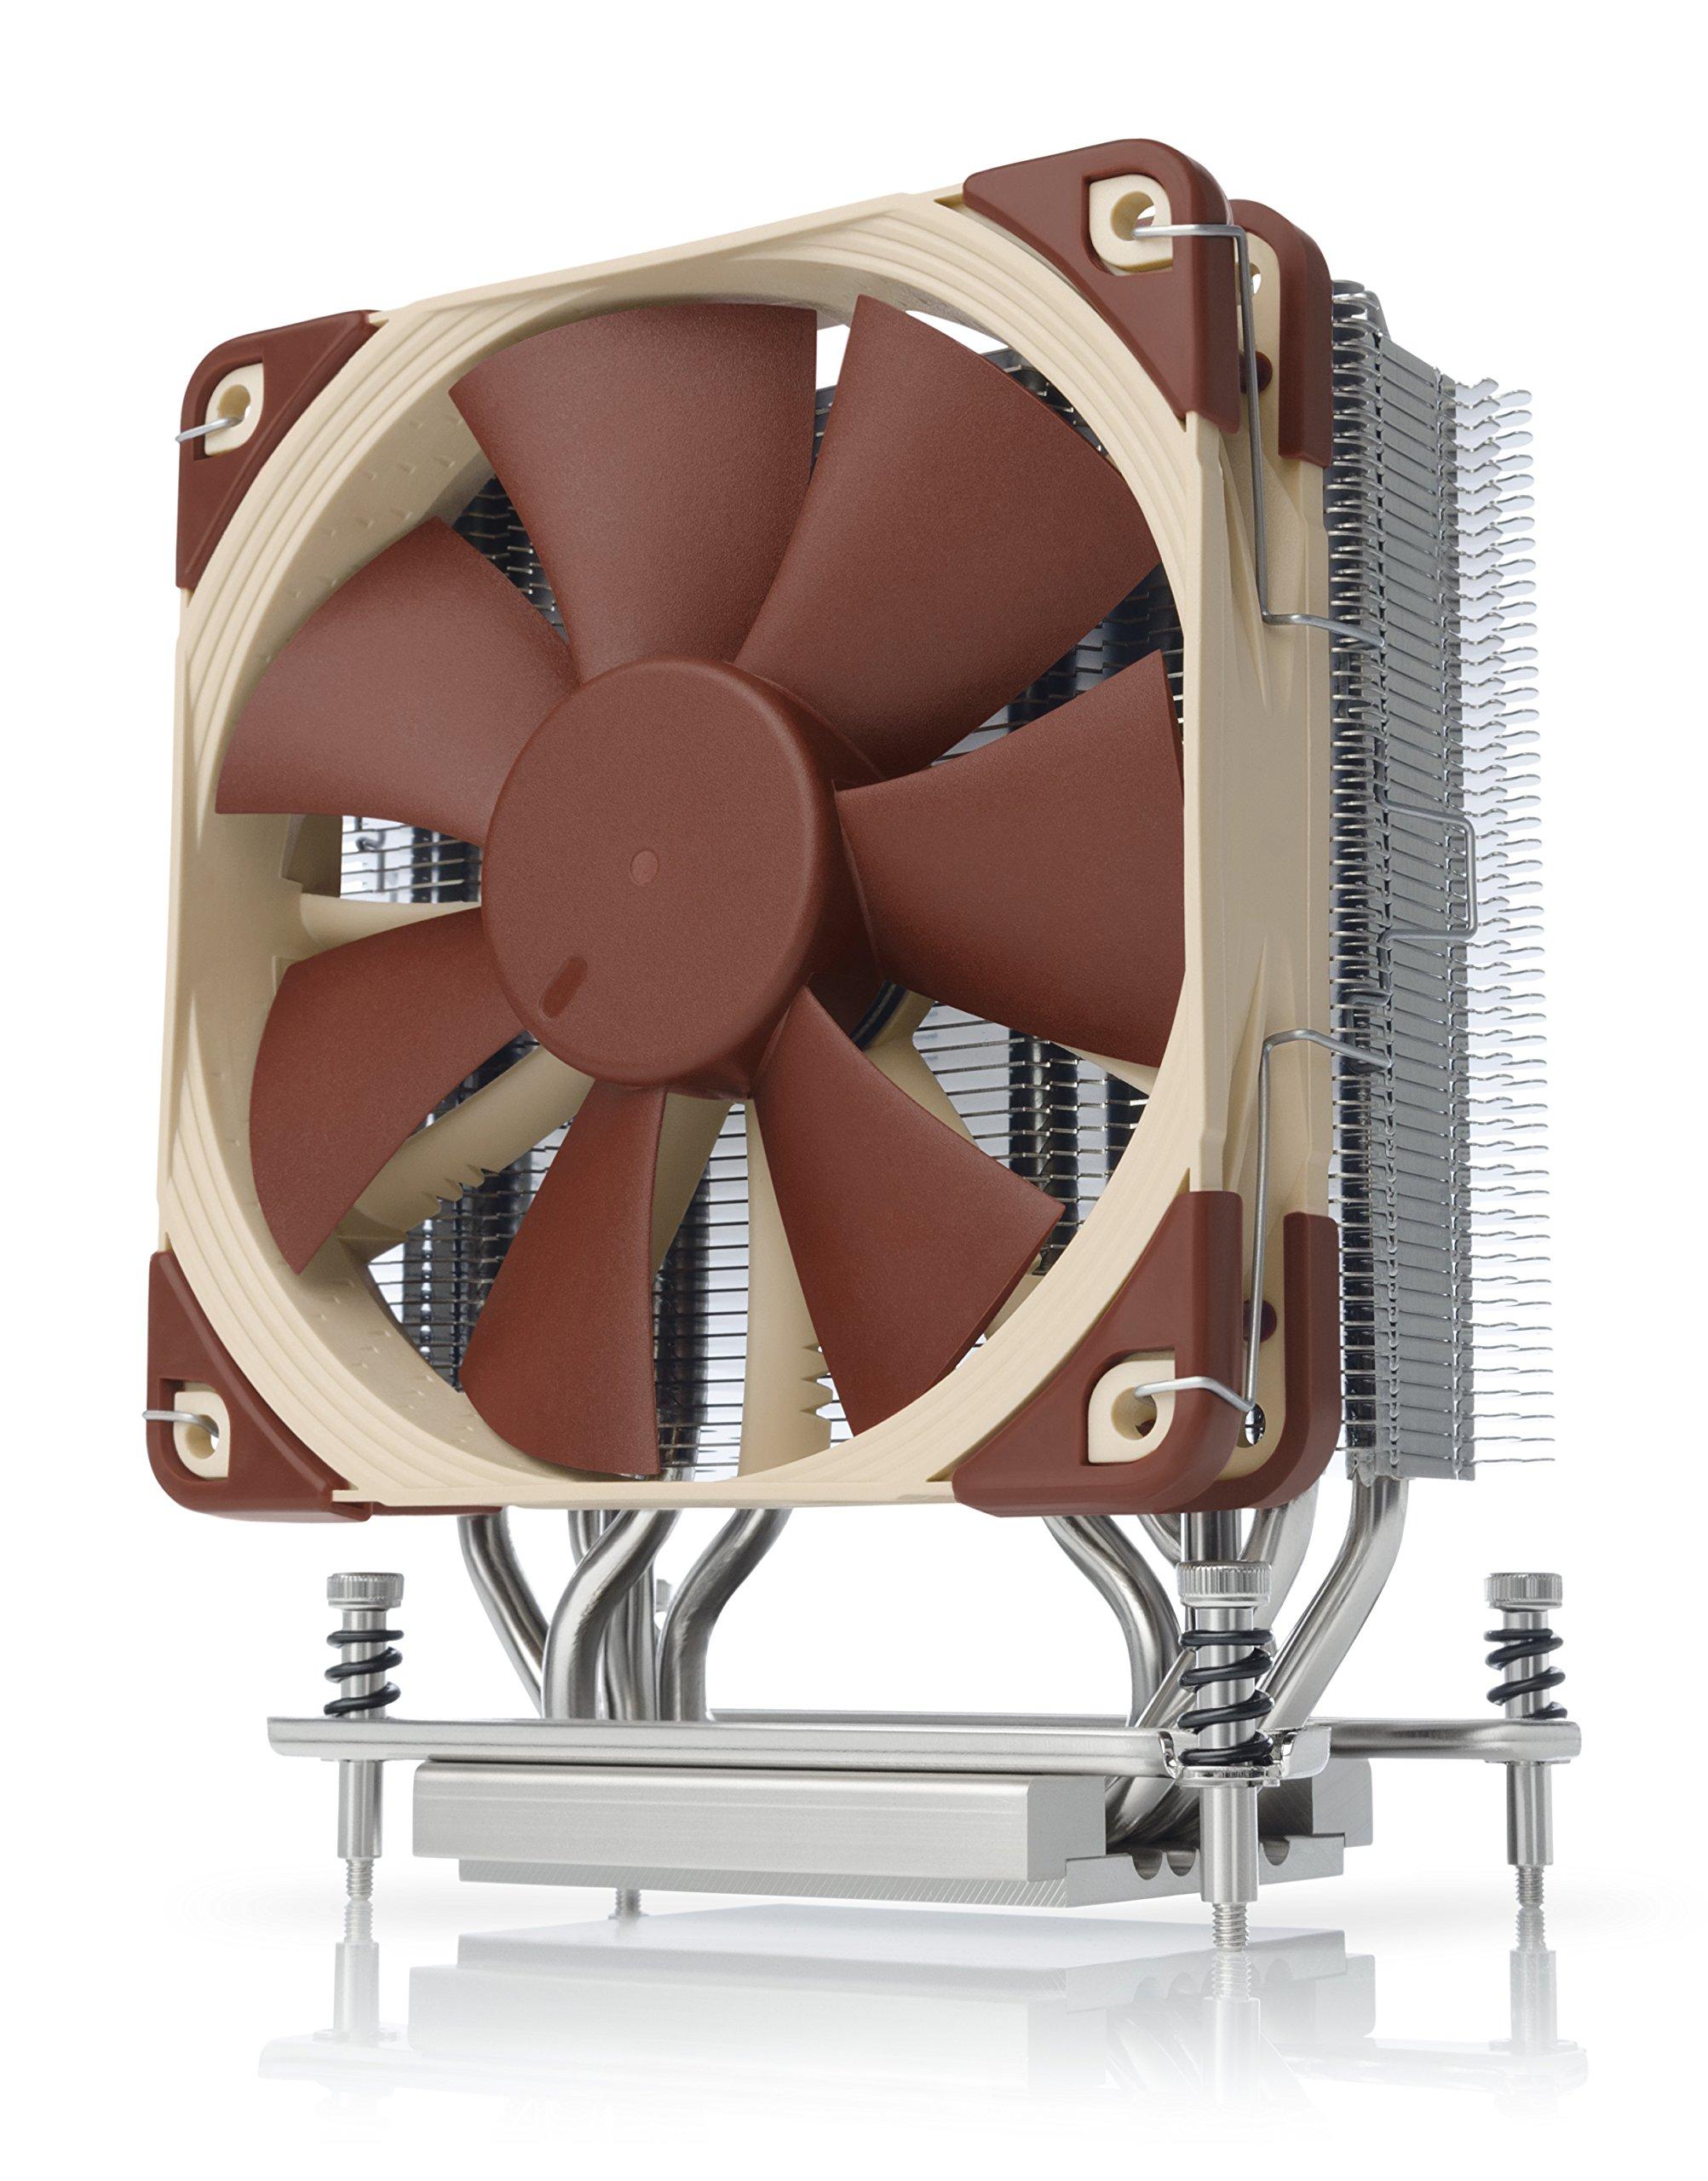 Cpu Cooler Noctua Nh-u12s Tr4-sp3 Premium-grade 120mm Cpu Co